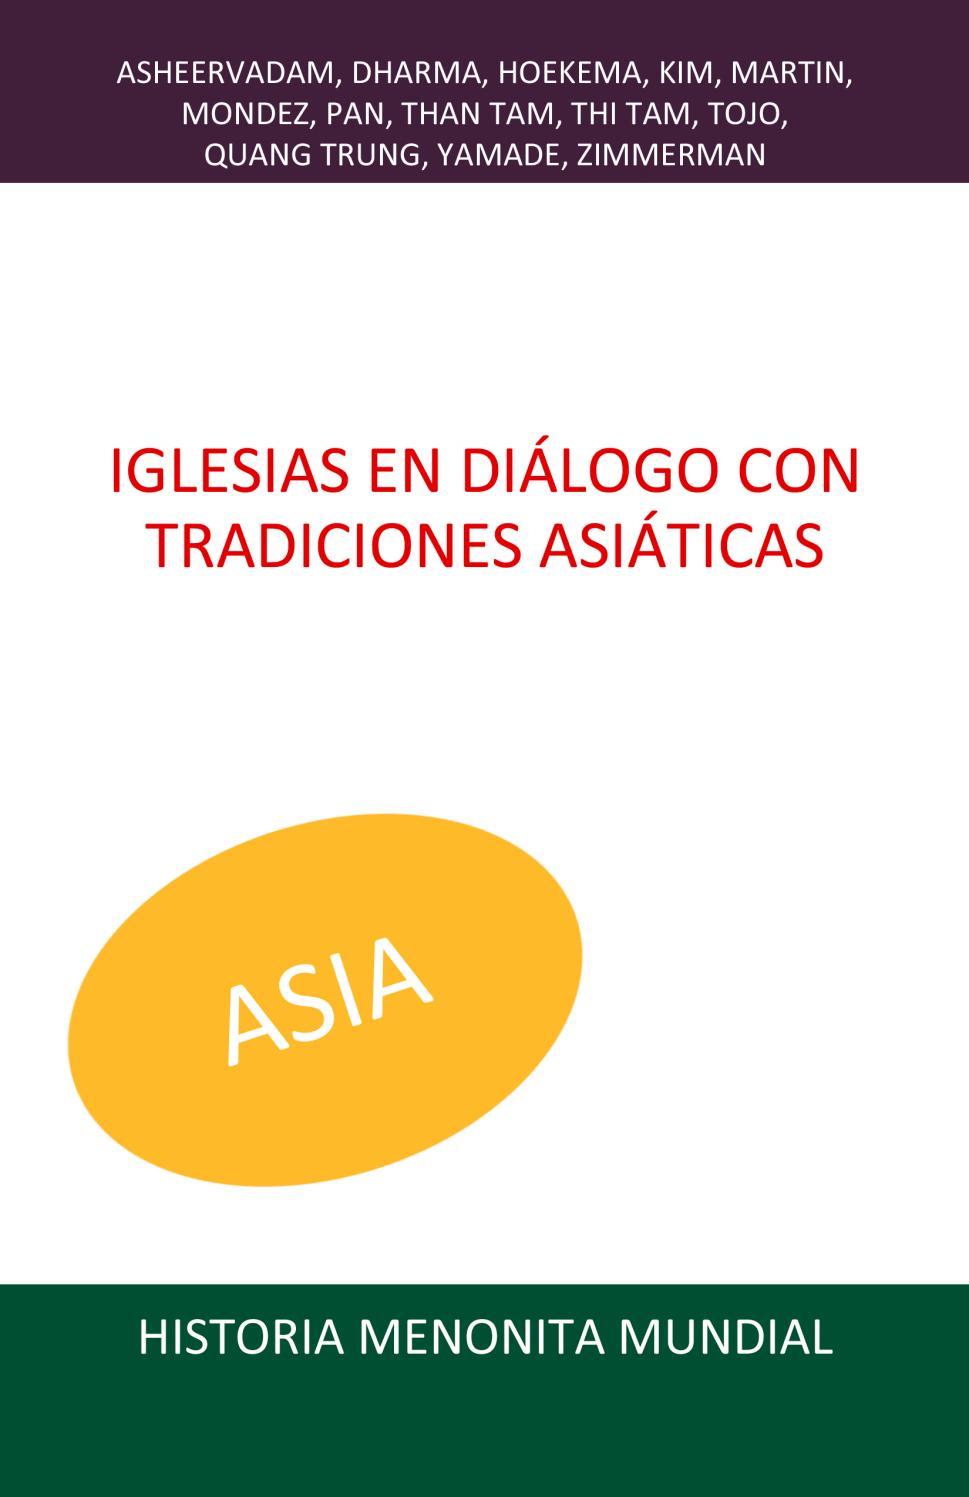 Iglesias en diálogo con tradiciones asiáticas by Biblioteca Menno ...